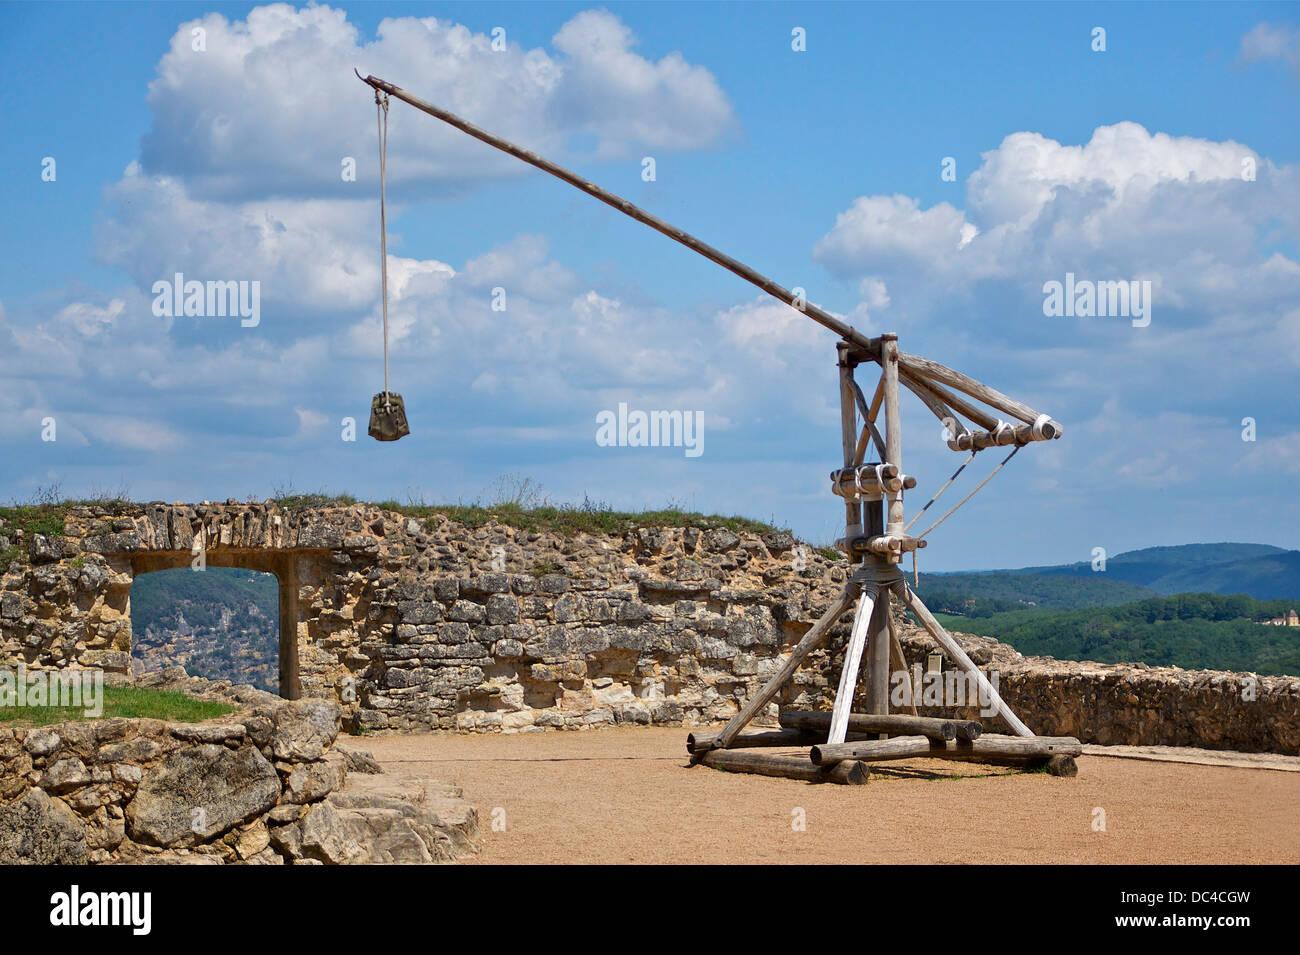 A reconstructed trebuchet, Château de Castelnaud, Dordogne, France. - Stock Image